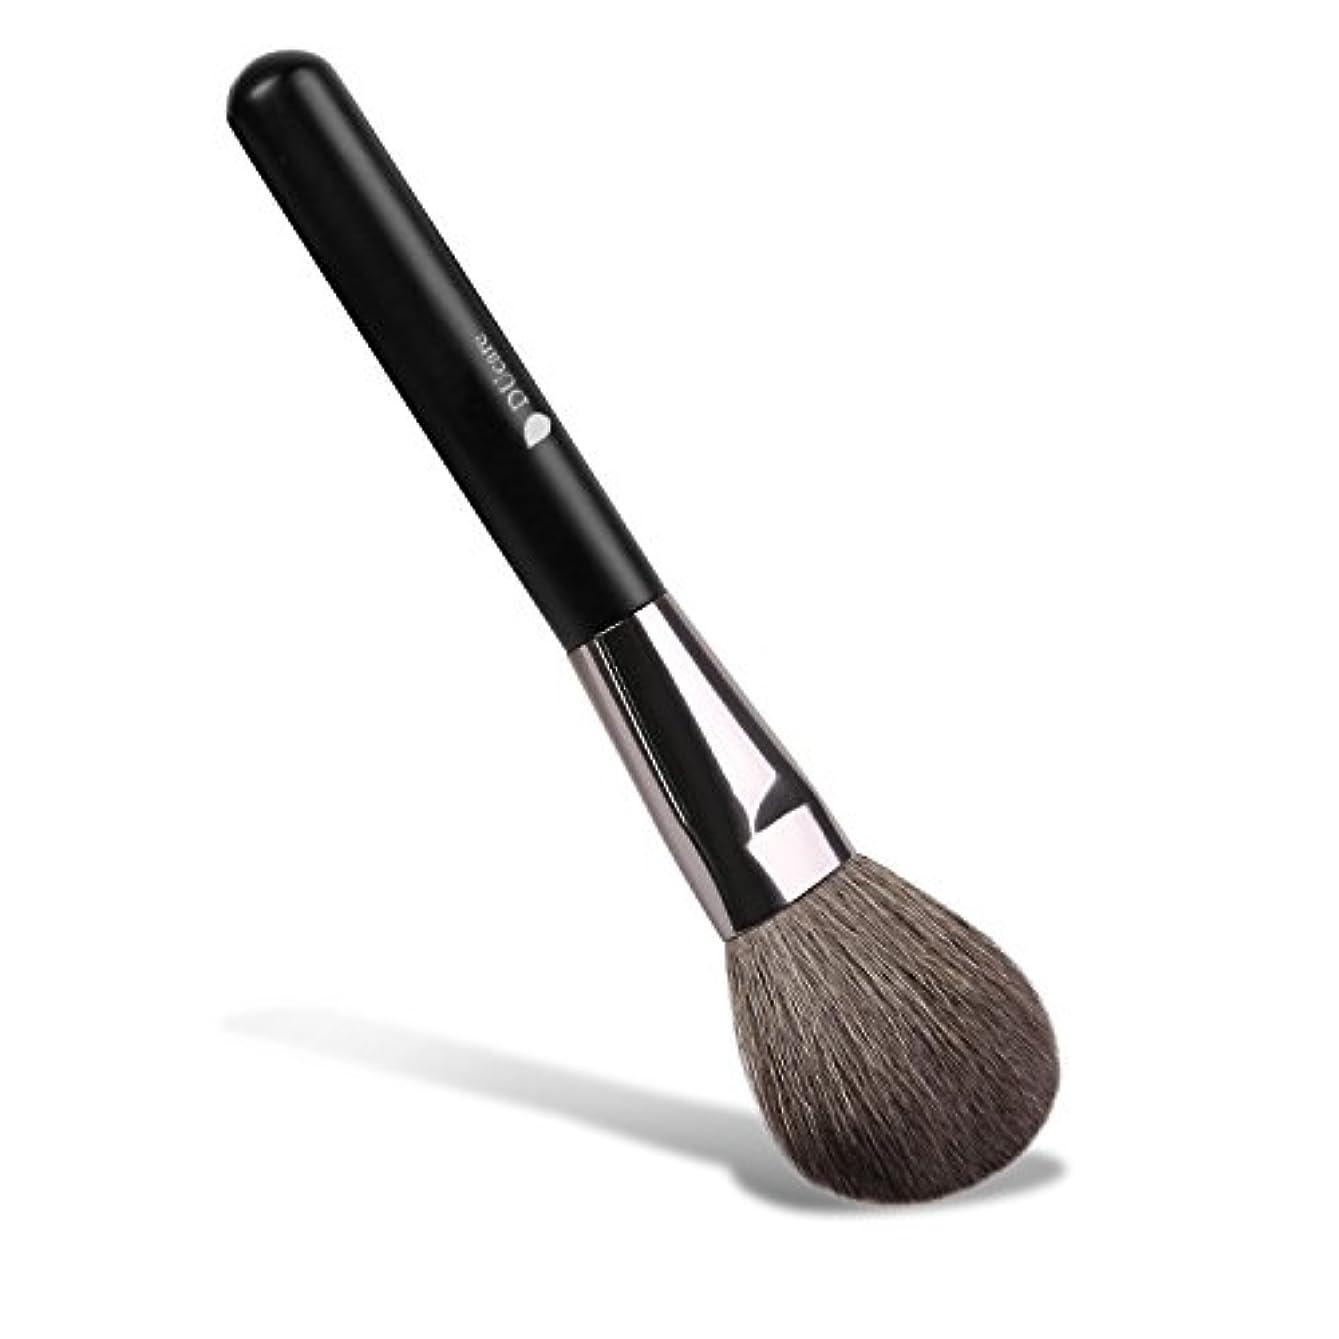 飛行機穿孔する黒DUcare ドゥケア 化粧筆 山羊毛 フェイスブラシ パウダー&チークブラシ 天然毛をたっぷり使用